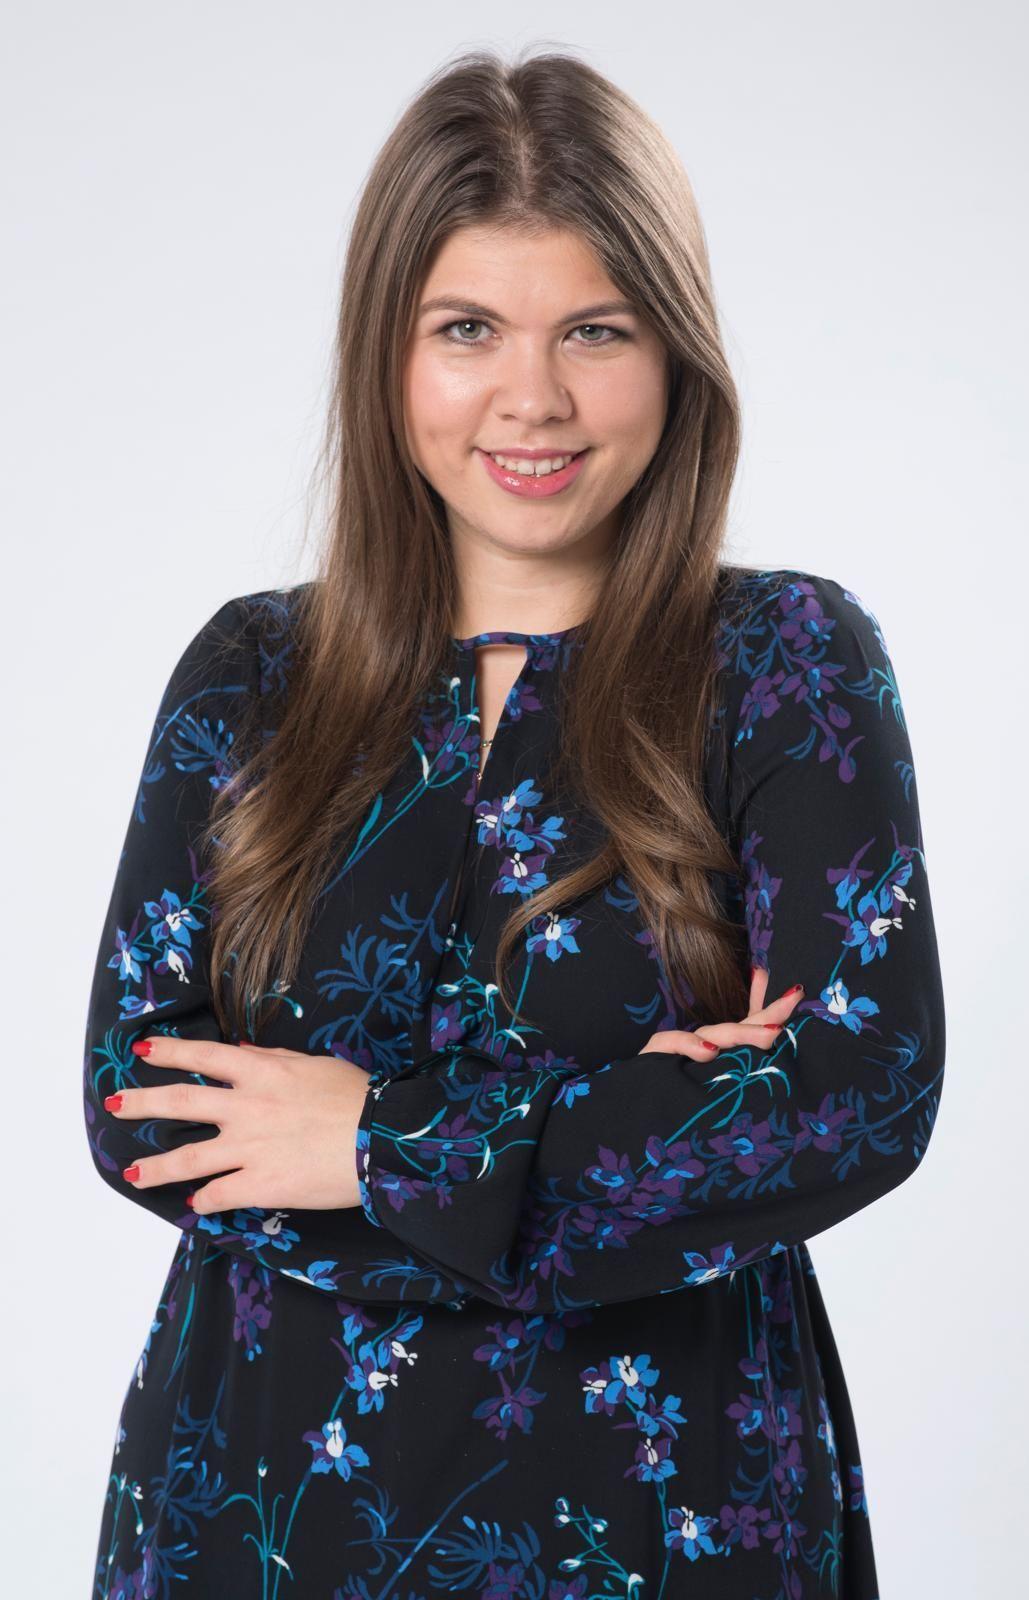 Amira Hashish